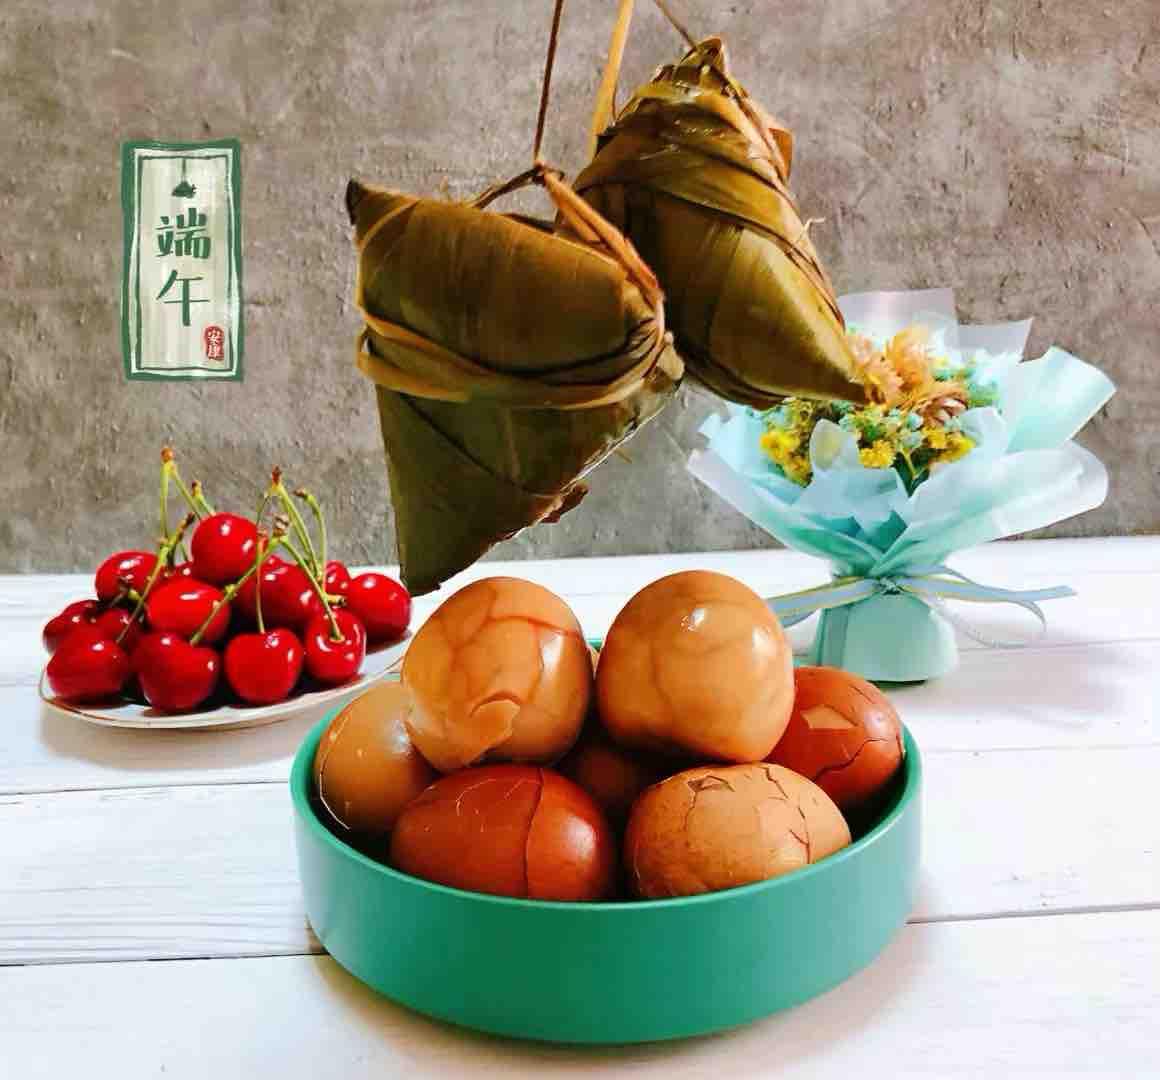 大枣糯米粽的制作